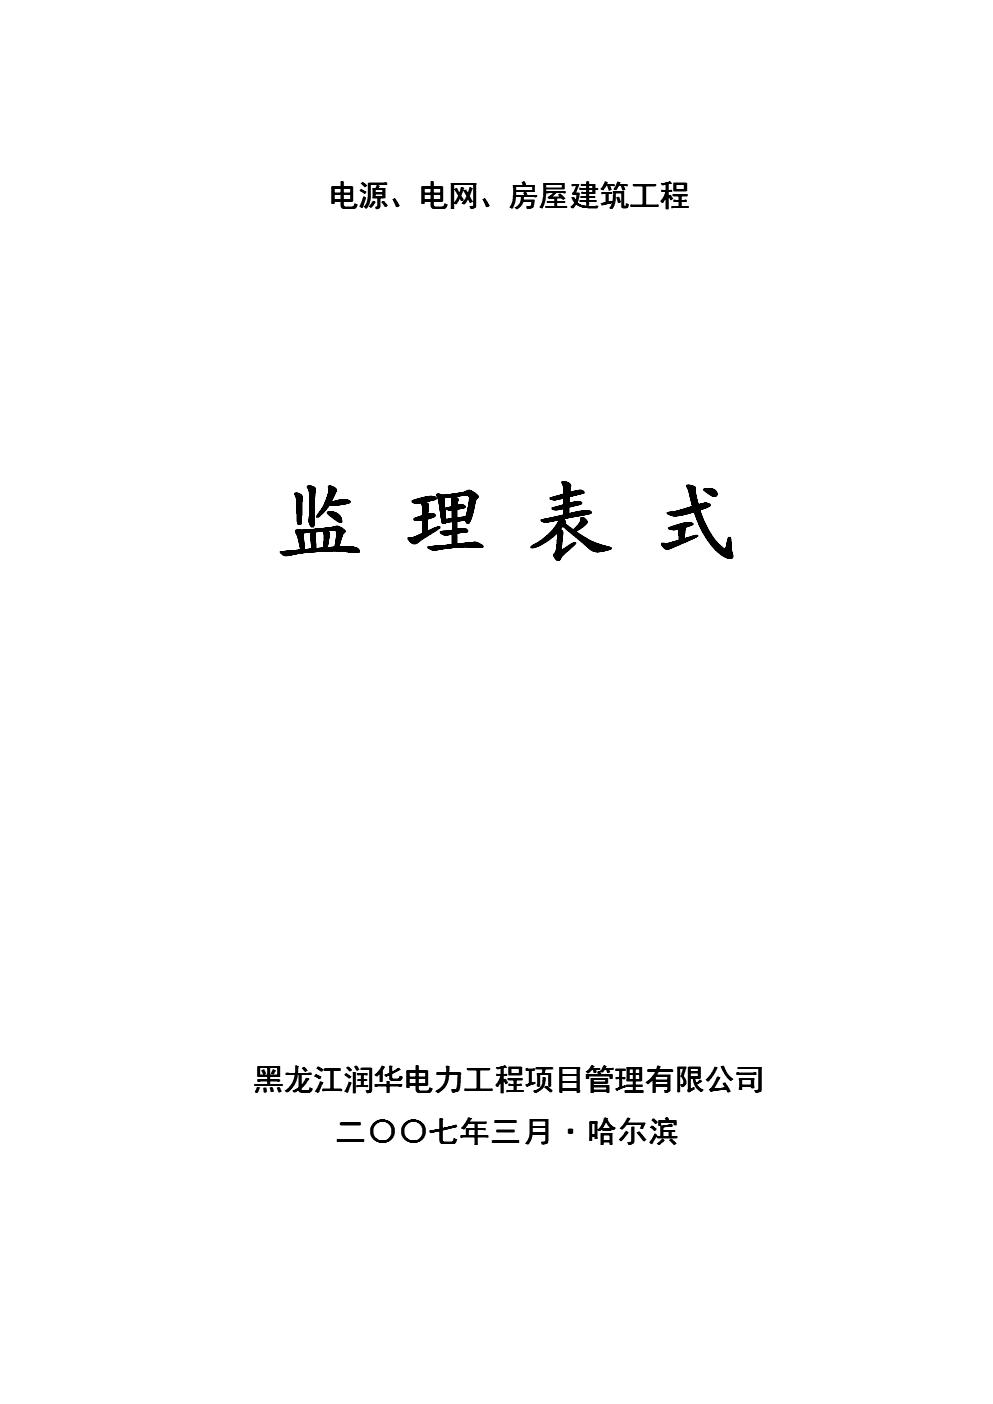 电源电网房屋建筑项目监理表式.doc